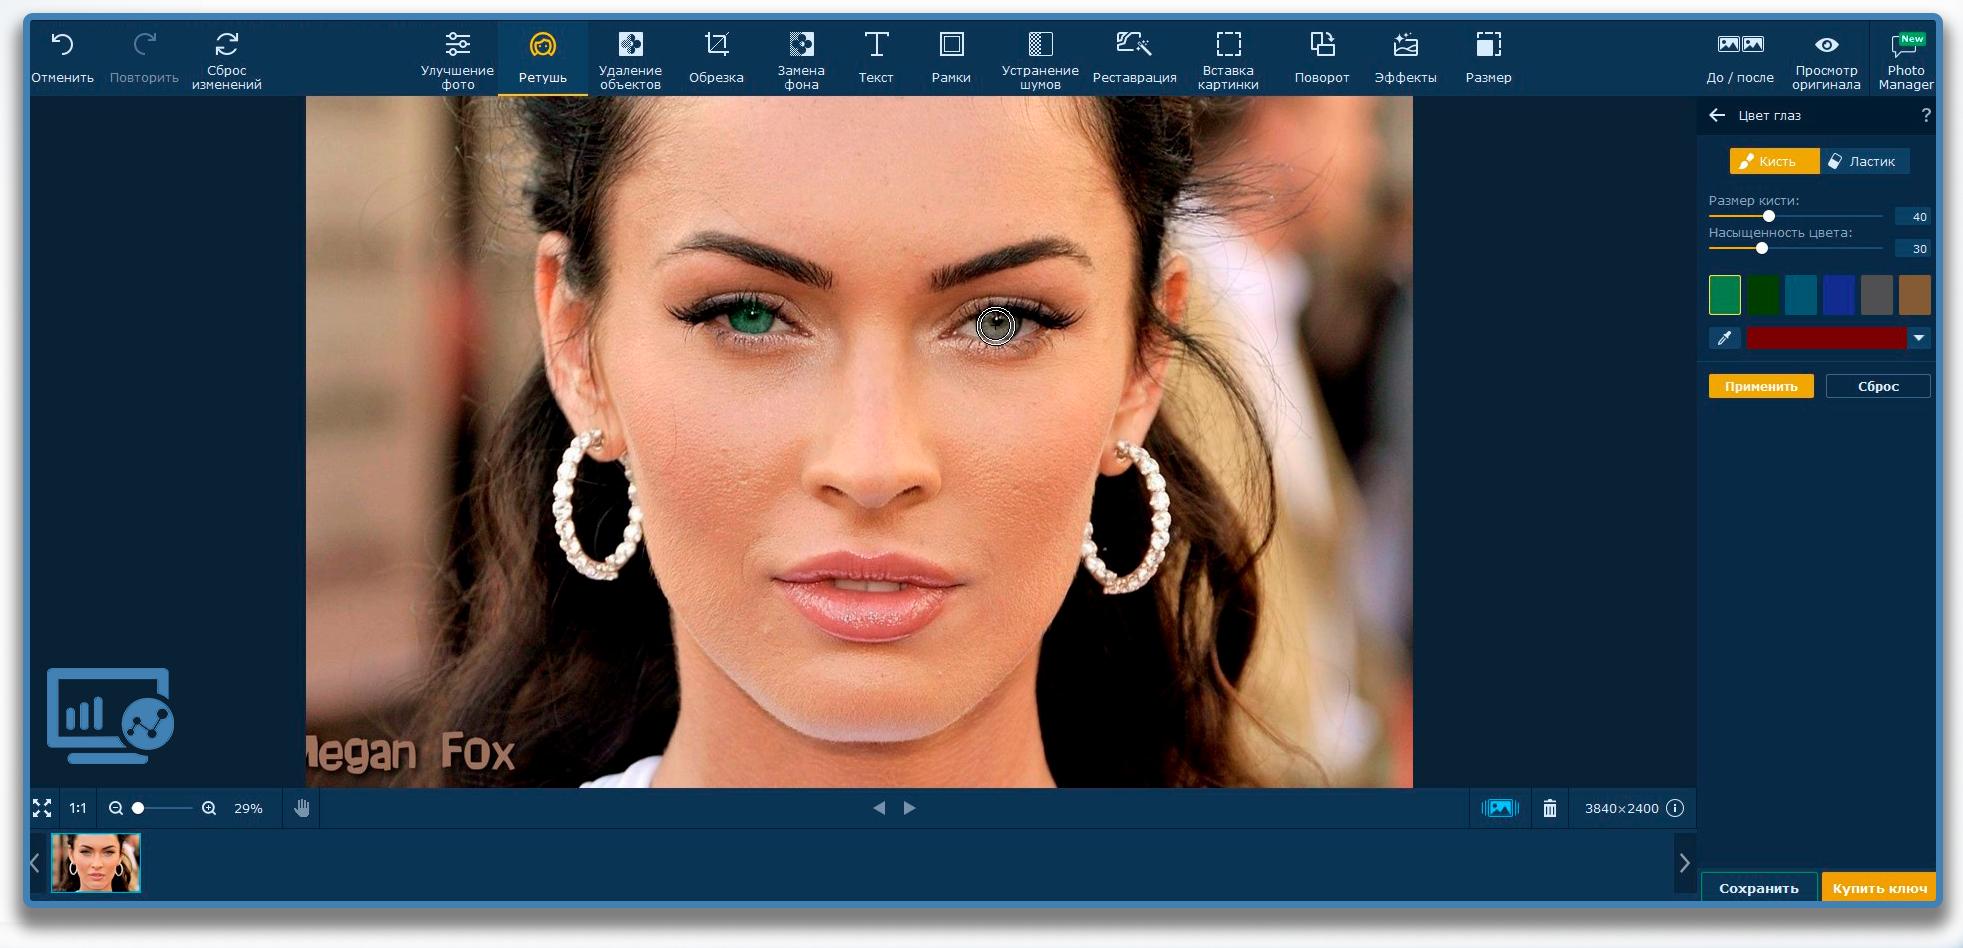 Как изменить цвет глаз на фото